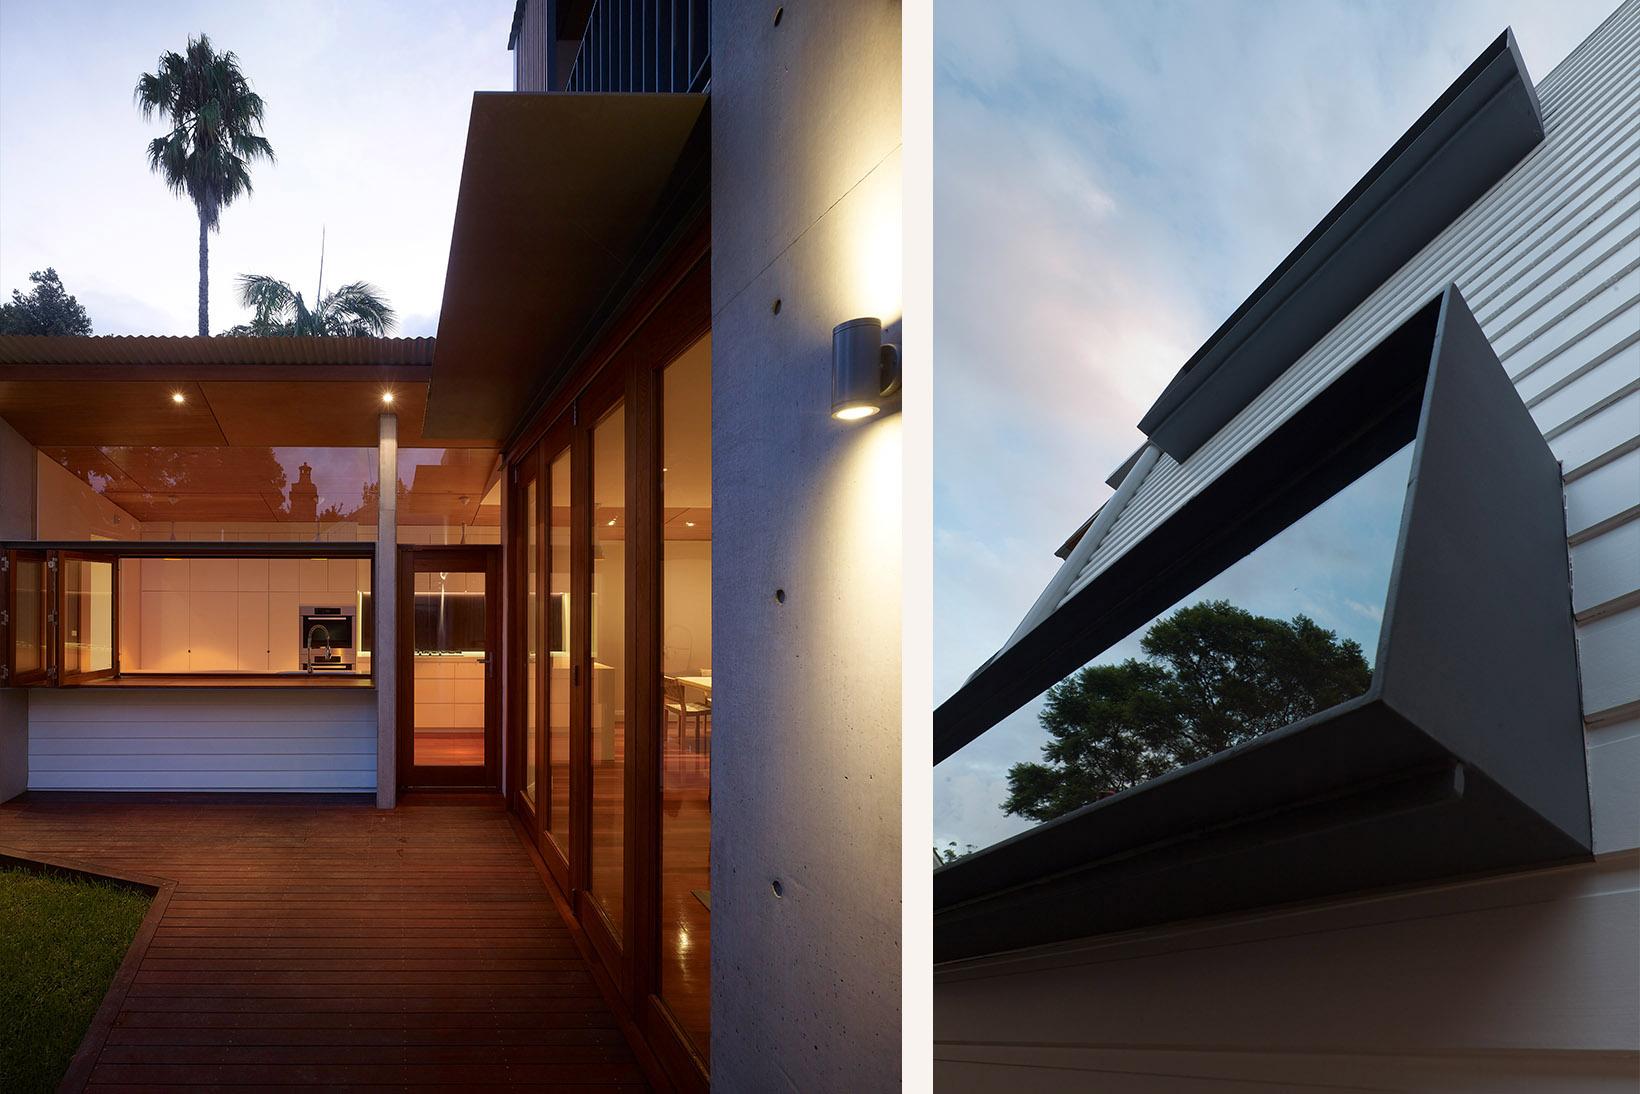 window box - veranda copy.jpg